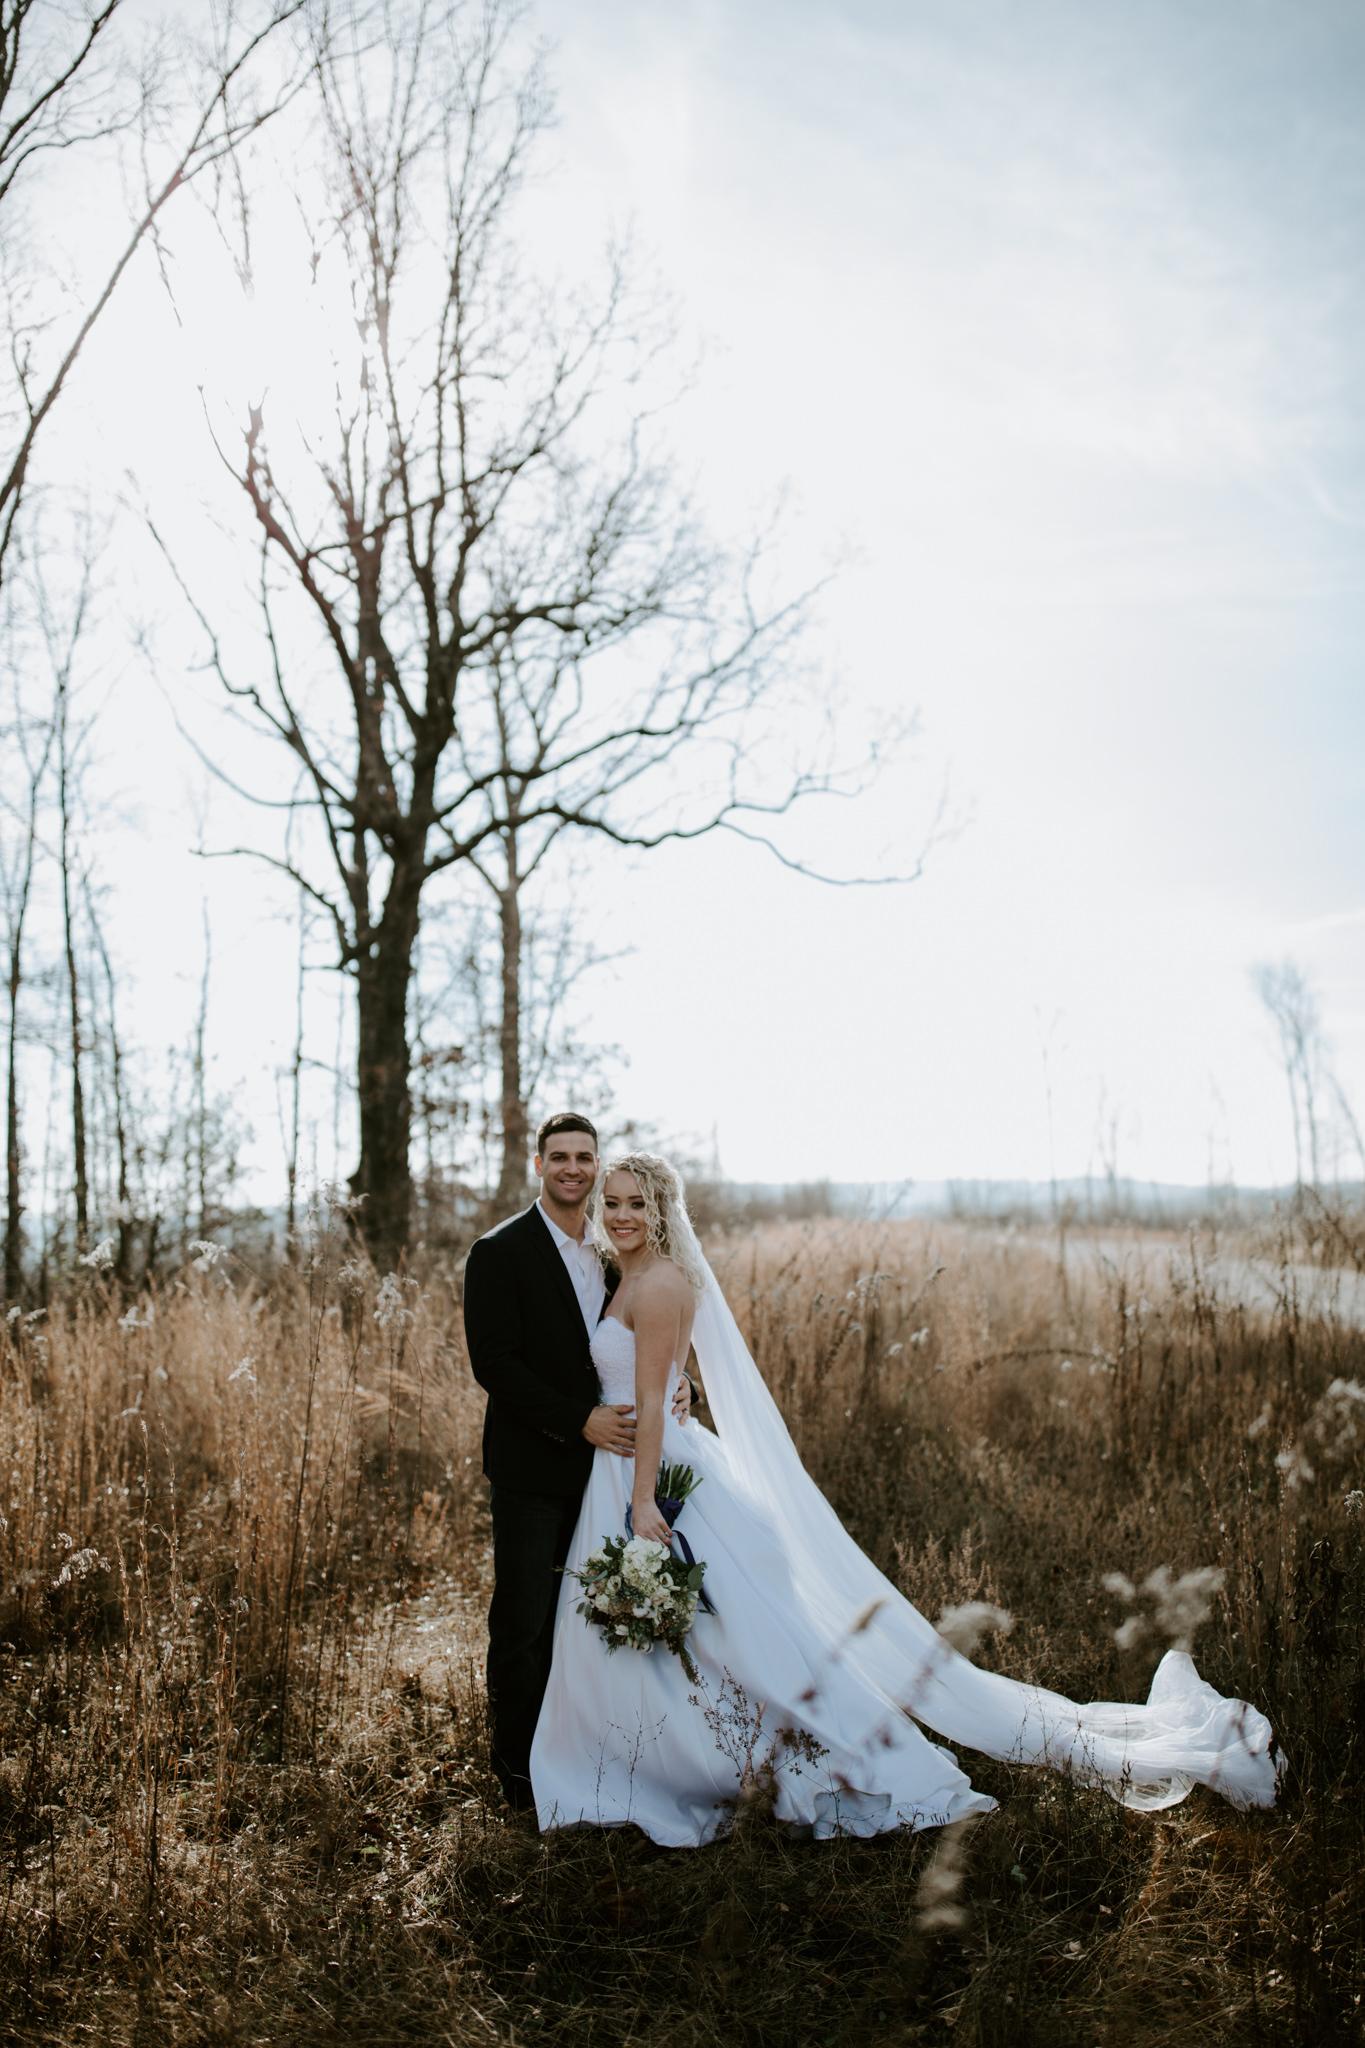 Lauren-and-Trent-Chattanooga-Nashville-Wedding-Elopement-Photographer-39.jpg